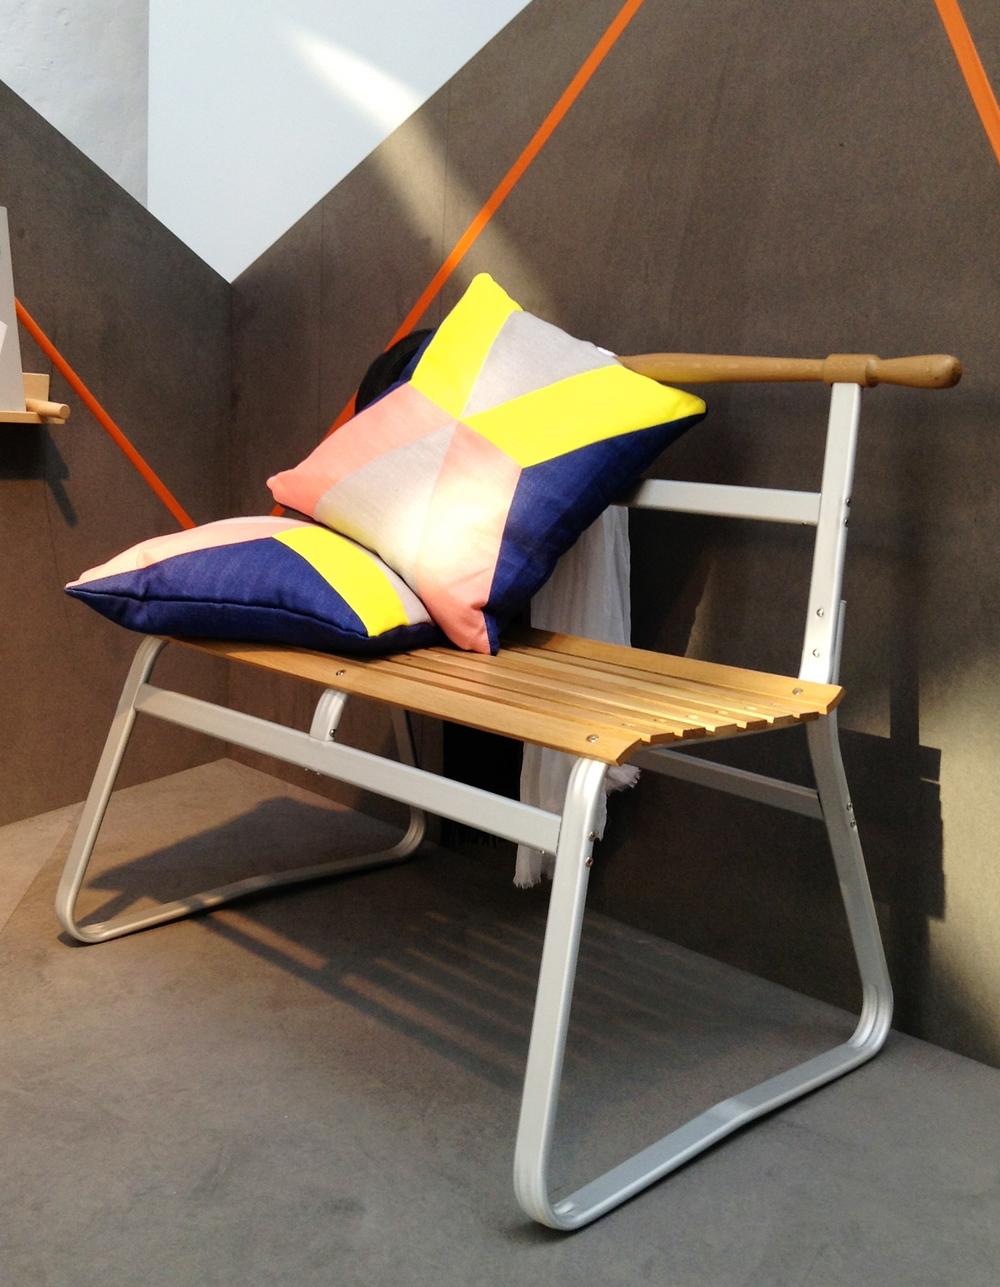 Bench IKEA PS 2014, design Anna Efverlund